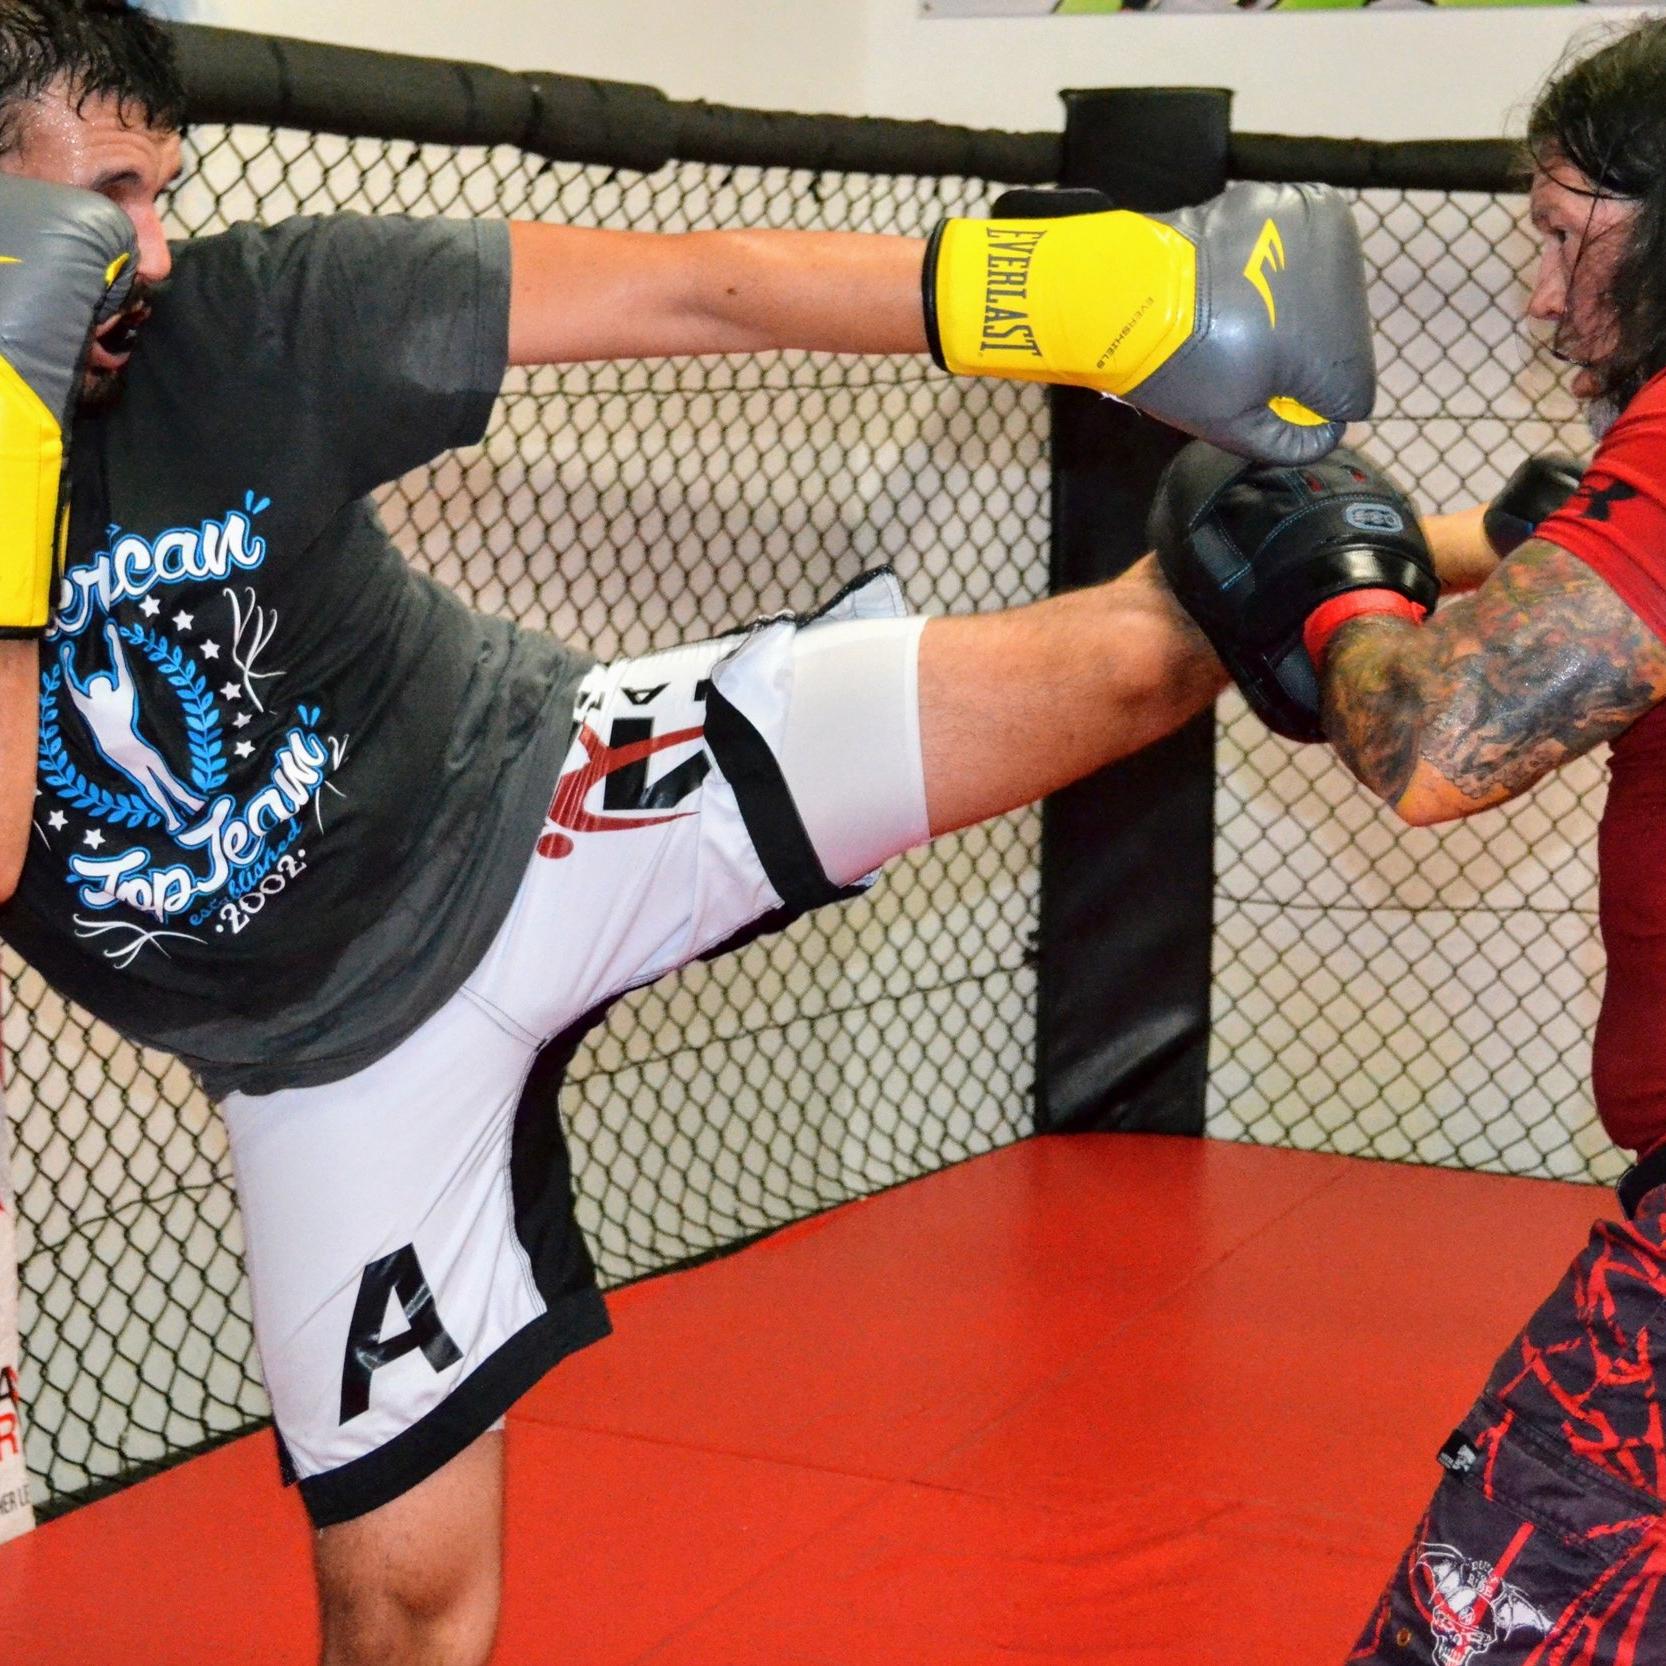 MMA Kickboxing